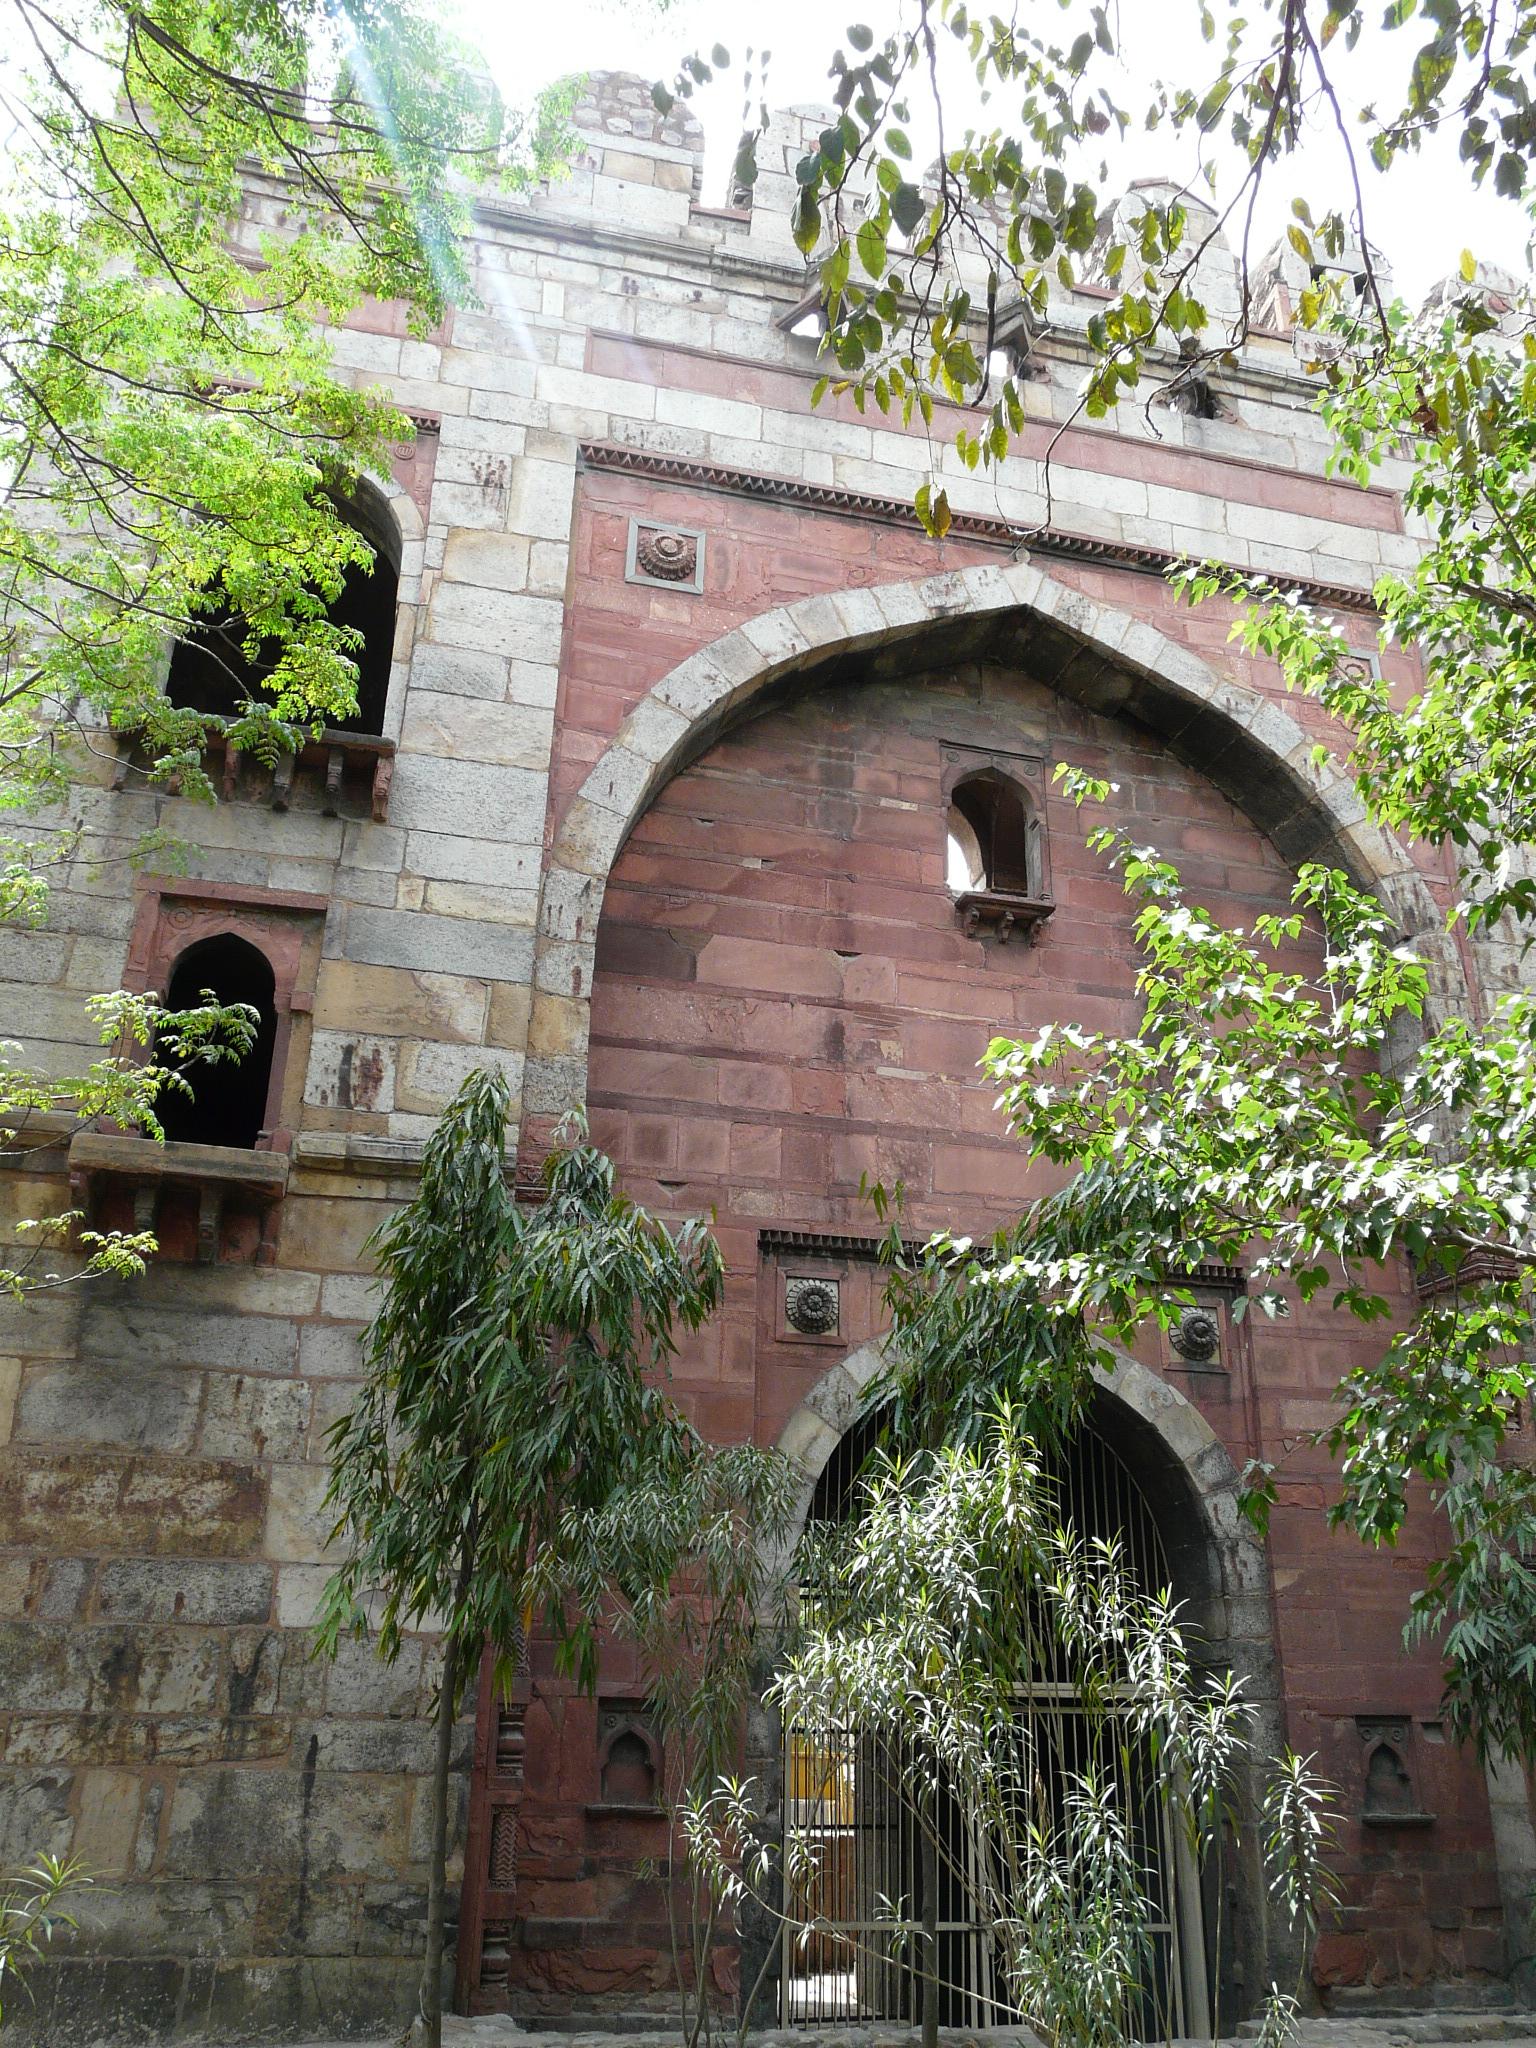 Khooni Darwaza, New Delhi, India Tourist Information